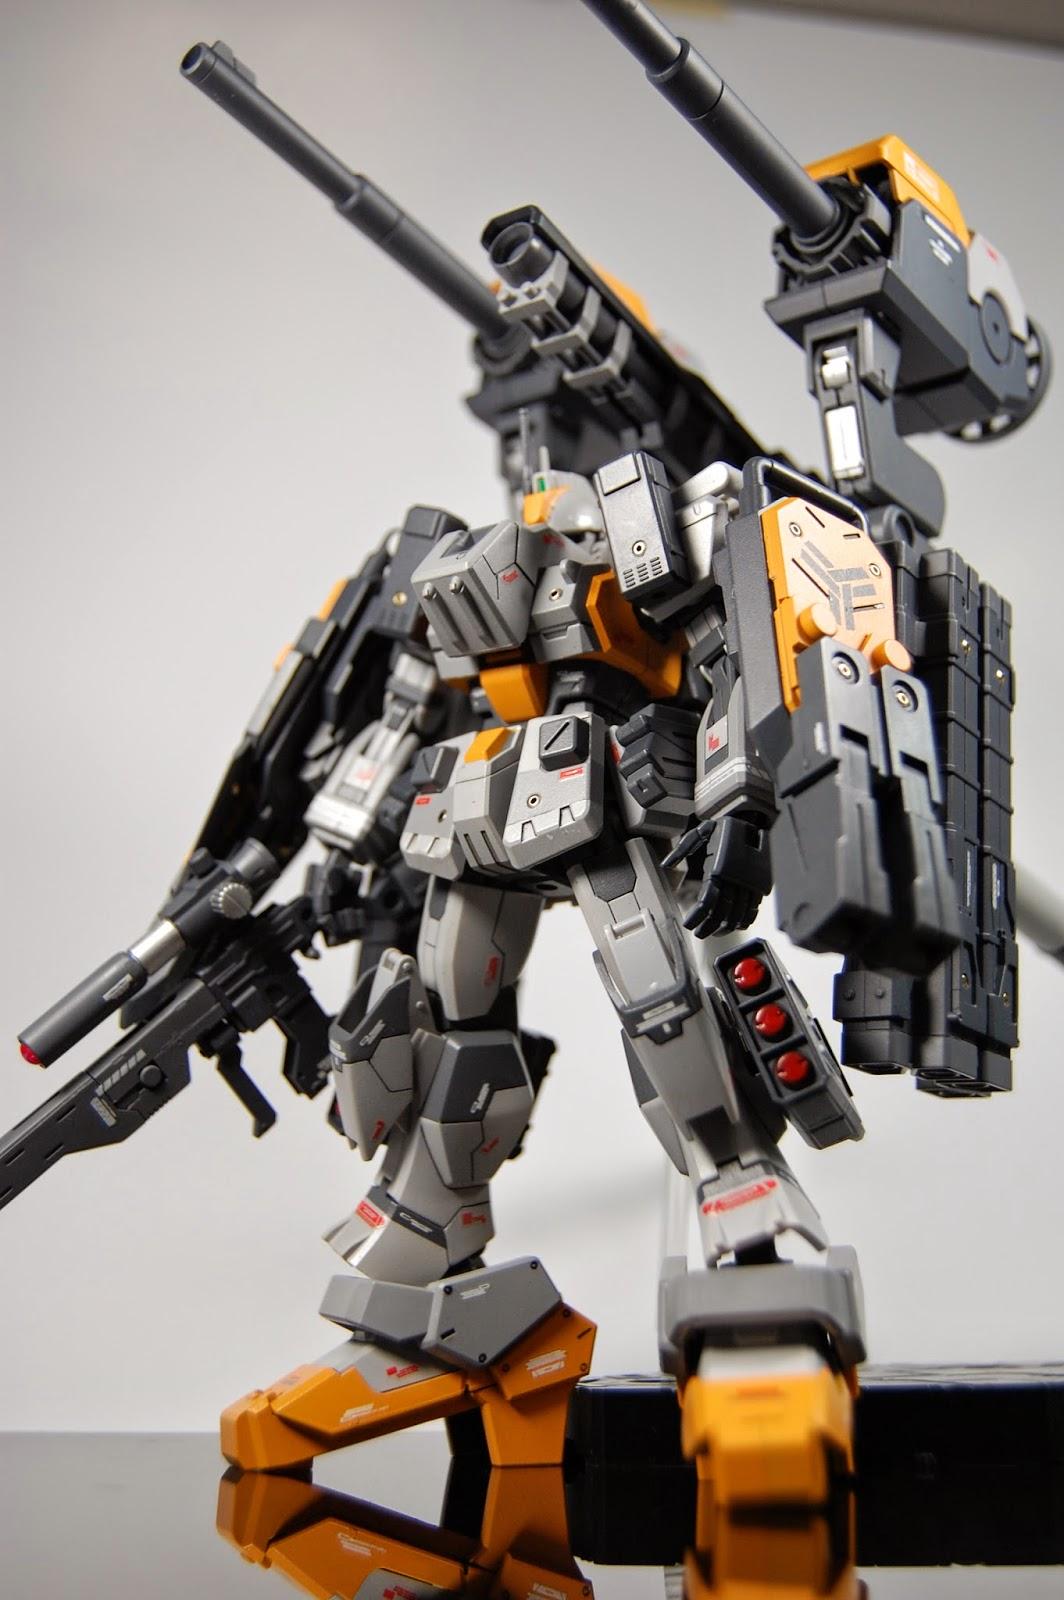 HGUC-Ez-8, Gundam HG kustom, contoh gundam kustom, gundam custom build HG, HG custom build, gundam hg 144 custom indonesia,